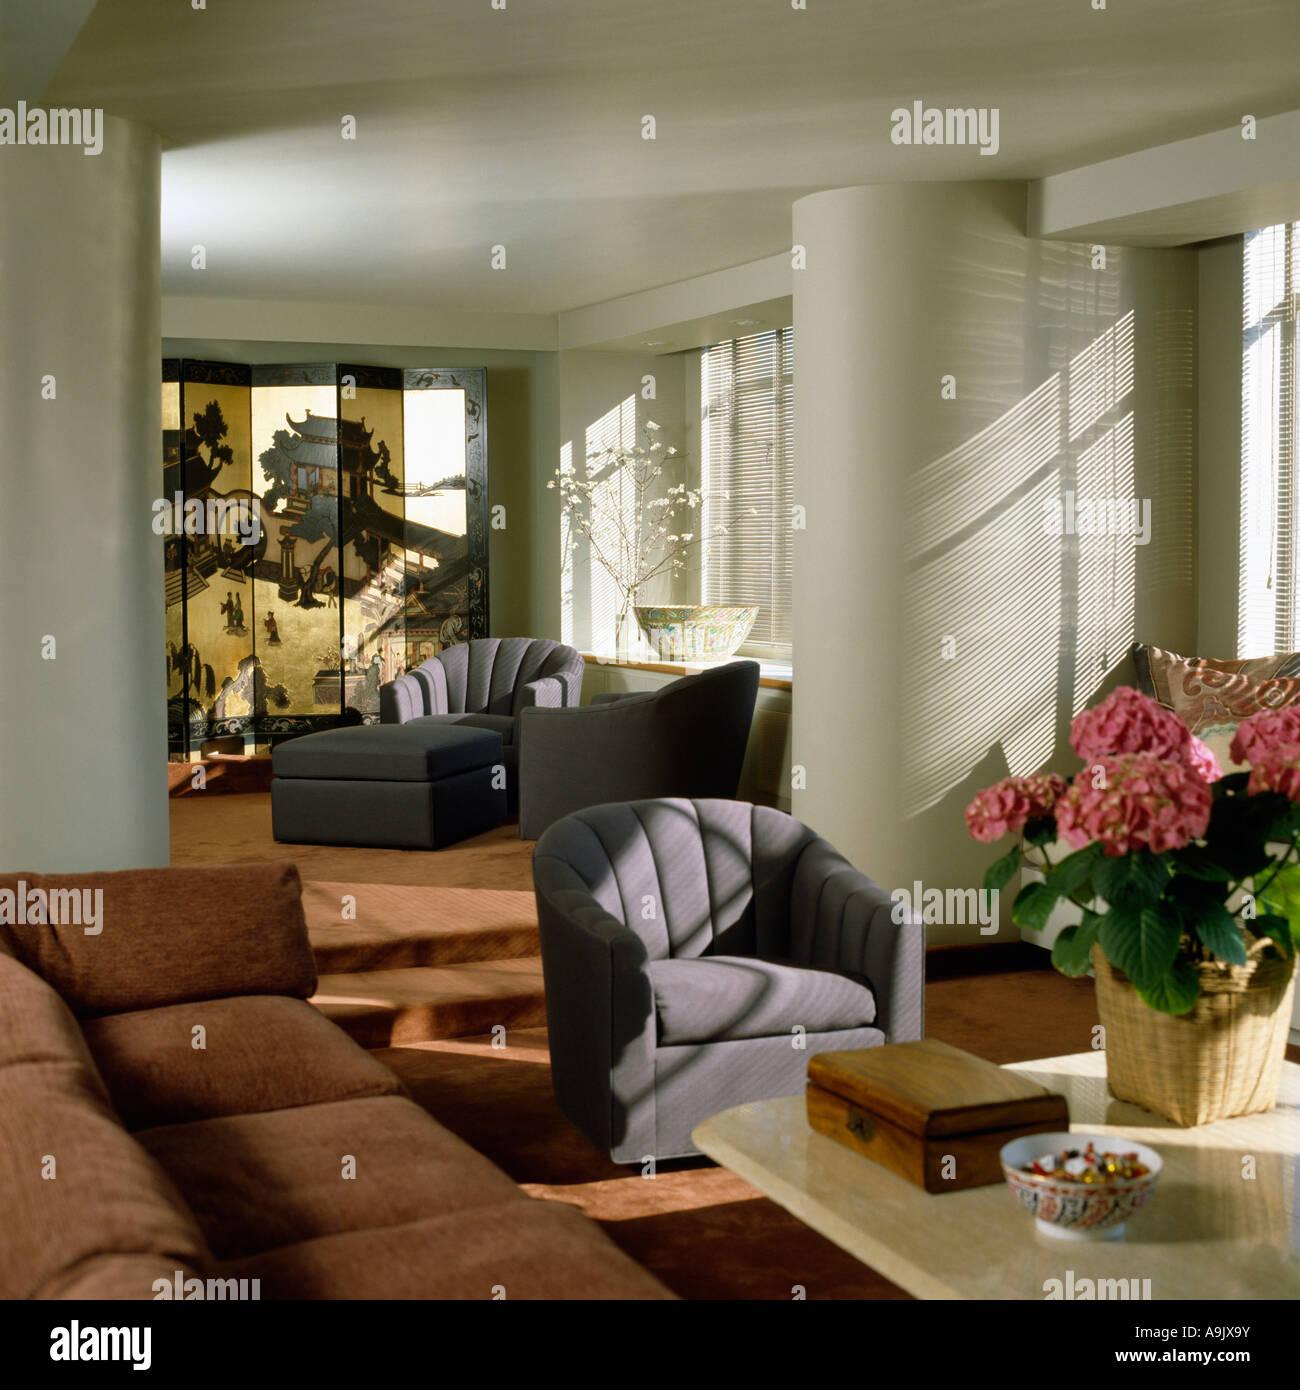 Astounding Wohnzimmer Grau Rosa Referenz Von Graue Sessel Im Mit Hortensien Auf Dem